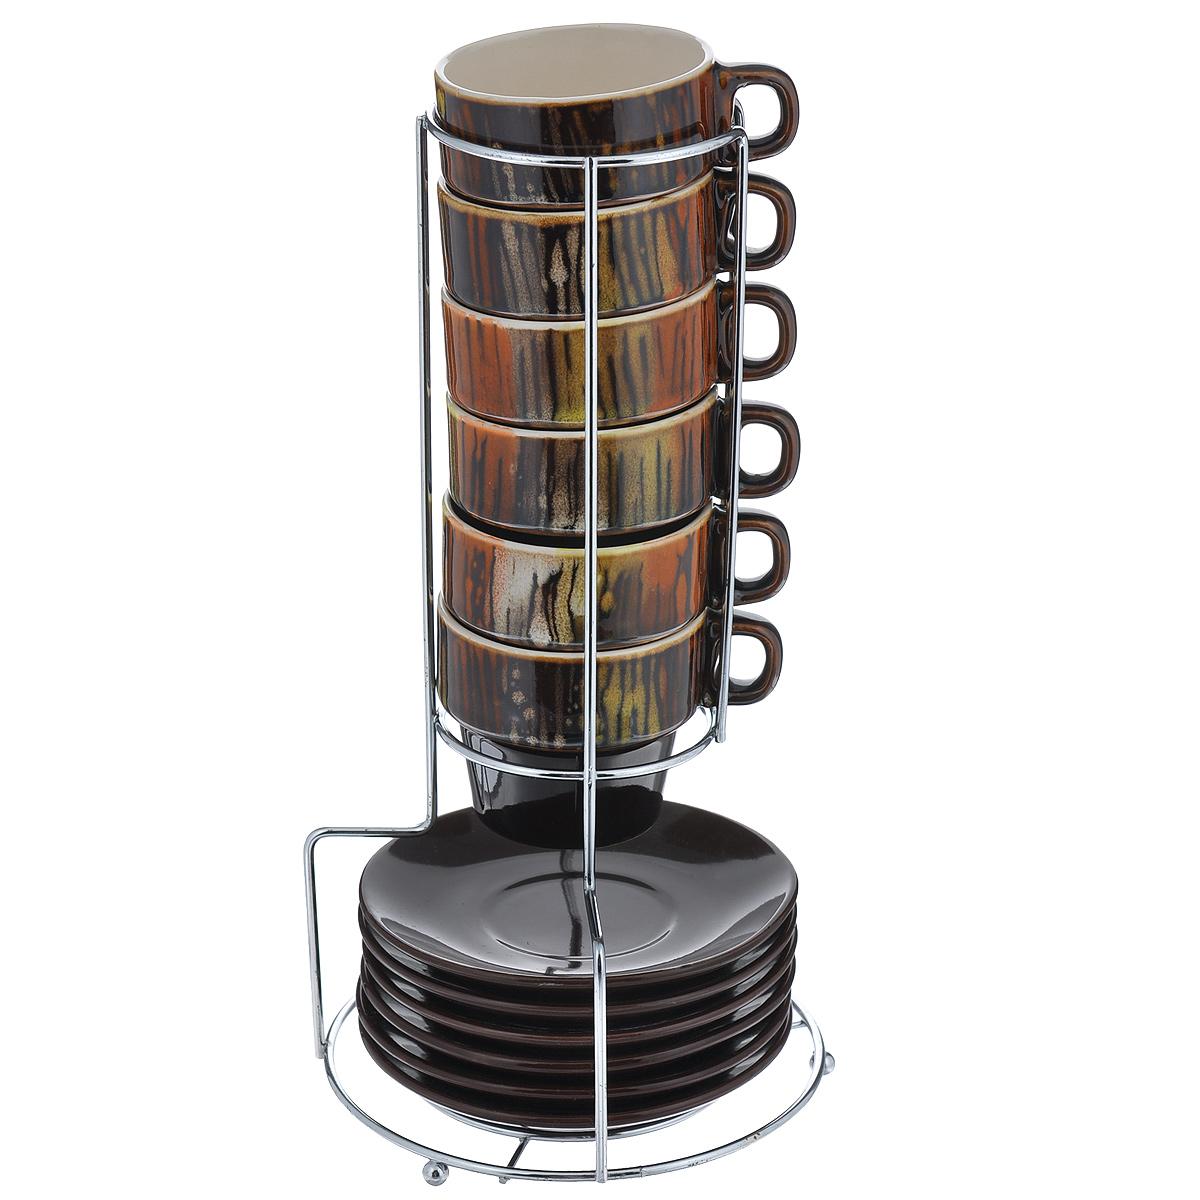 Набор кофейный Bekker Koch, цвет: коричневый, 13 предметов. 6807BK-6807Набор кофейный Bekker Koch изготовлен из жаропрочной керамики. В набор входит: шесть чашек, шесть блюдец и одна подставка. Оригинальная подставка изготовлена из металла . Кофейный набор на подставке не займет много места. Набор кофейный Bekker Koch украсит ваш праздничный стол и порадует вас и ваших гостей необычным дизайном и изящными формами. Набор станет чудесным подарком к любому случаю. Можно мыть в посудомоечной машине. Диаметр чашки: 6,5 см. Высота чашки: 6 см. Диаметр блюдца: 11 см. Объем чашки: 90 мл. Размер подставки: 7,5 см х 13 см х 26,5 см.